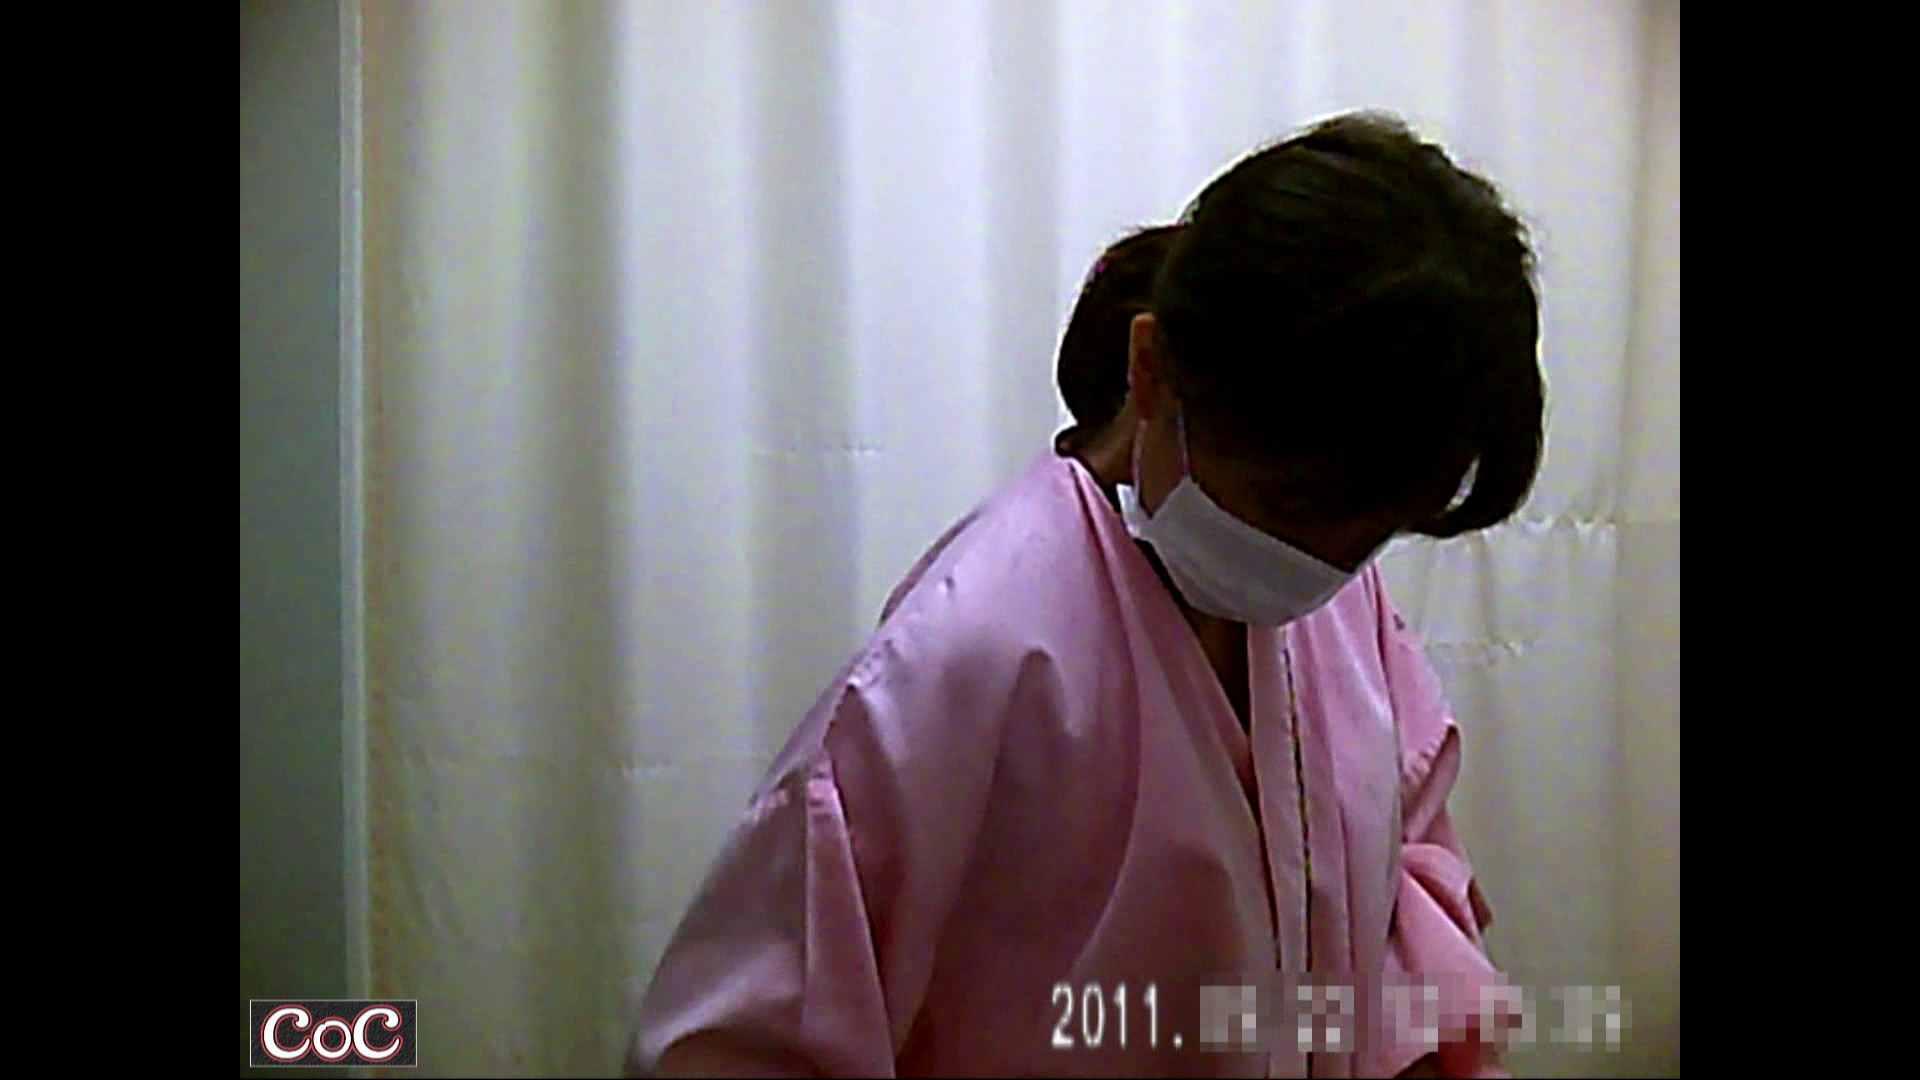 病院おもいっきり着替え! vol.33 OLの実態 のぞき濡れ場動画紹介 30pic 2